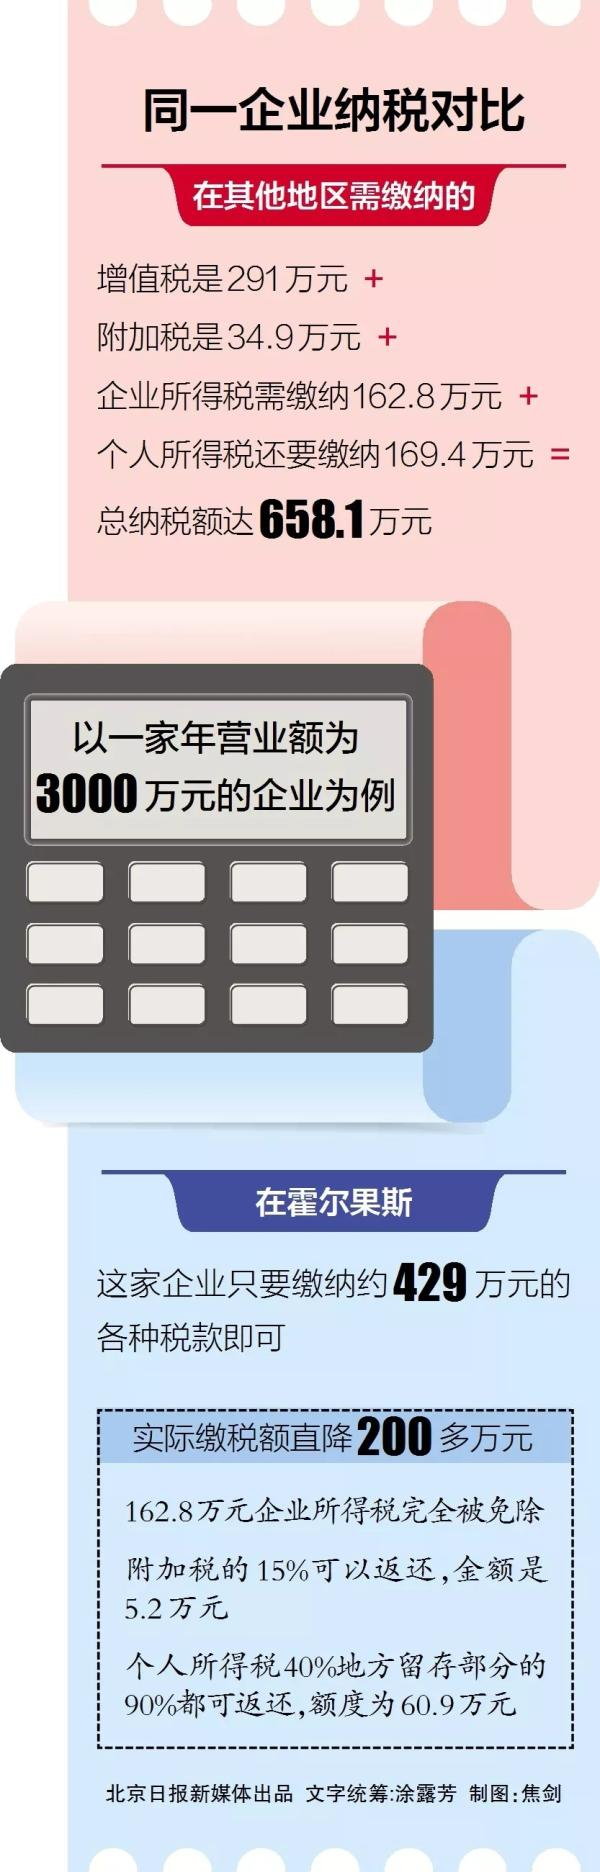 """""""避税天堂""""霍尔果斯,有1400多家京企""""扎堆"""""""